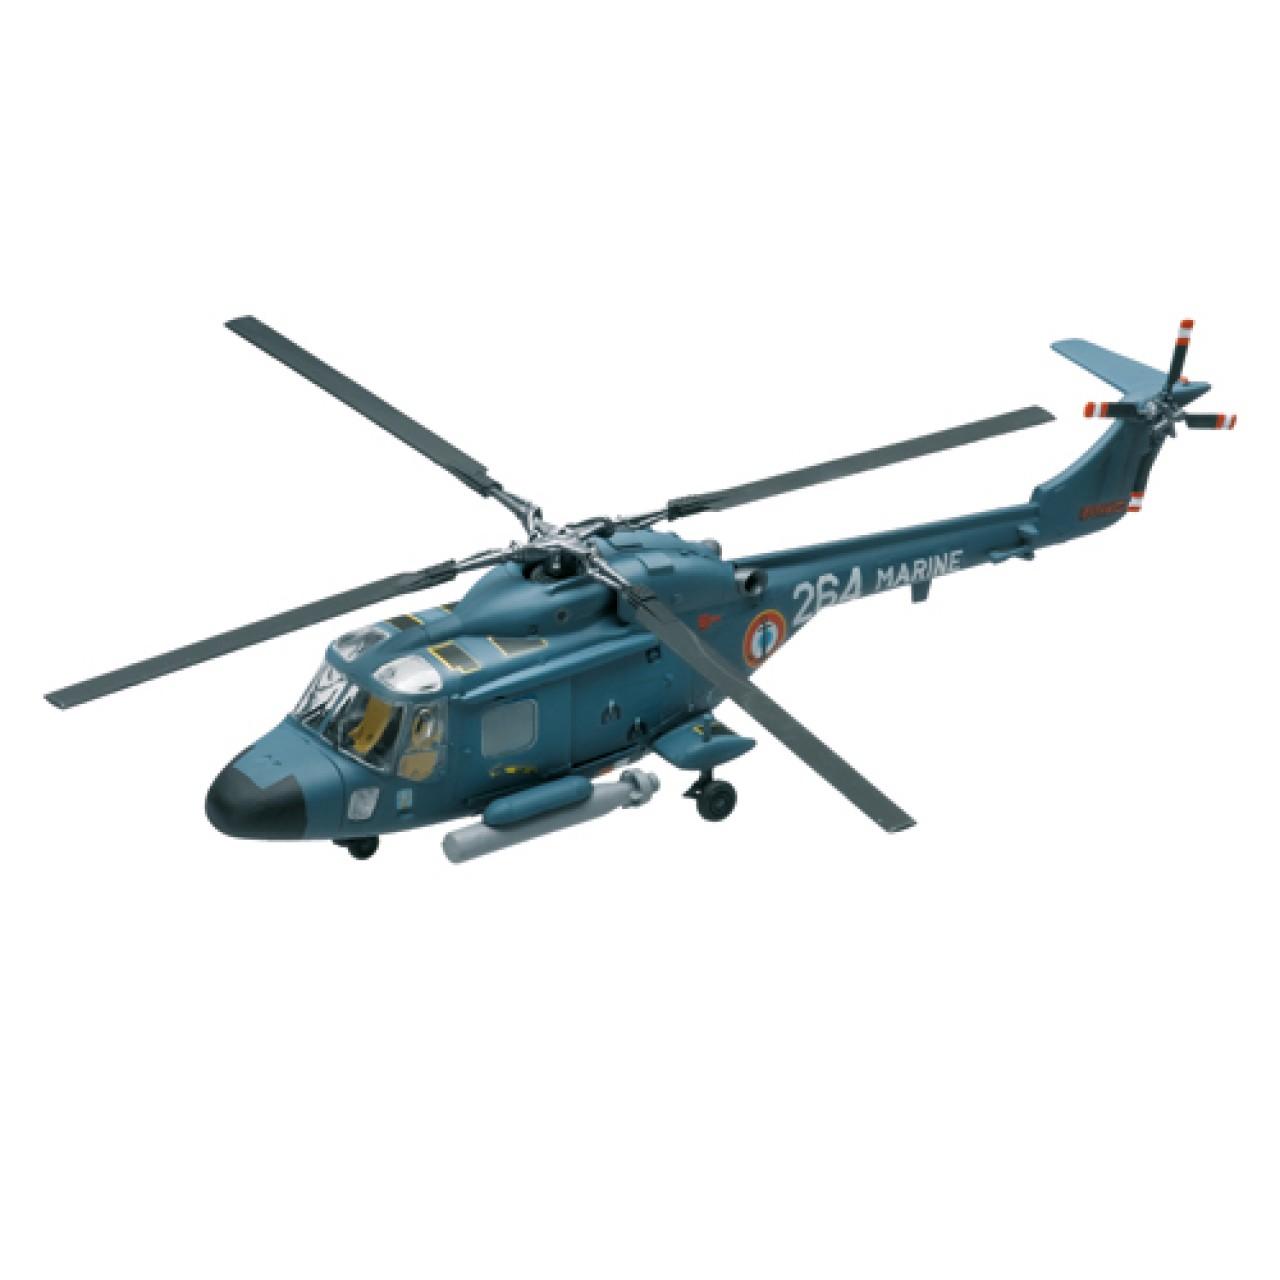 Elicottero Havoc : Elicotteri da combattimento deagostini modelspace